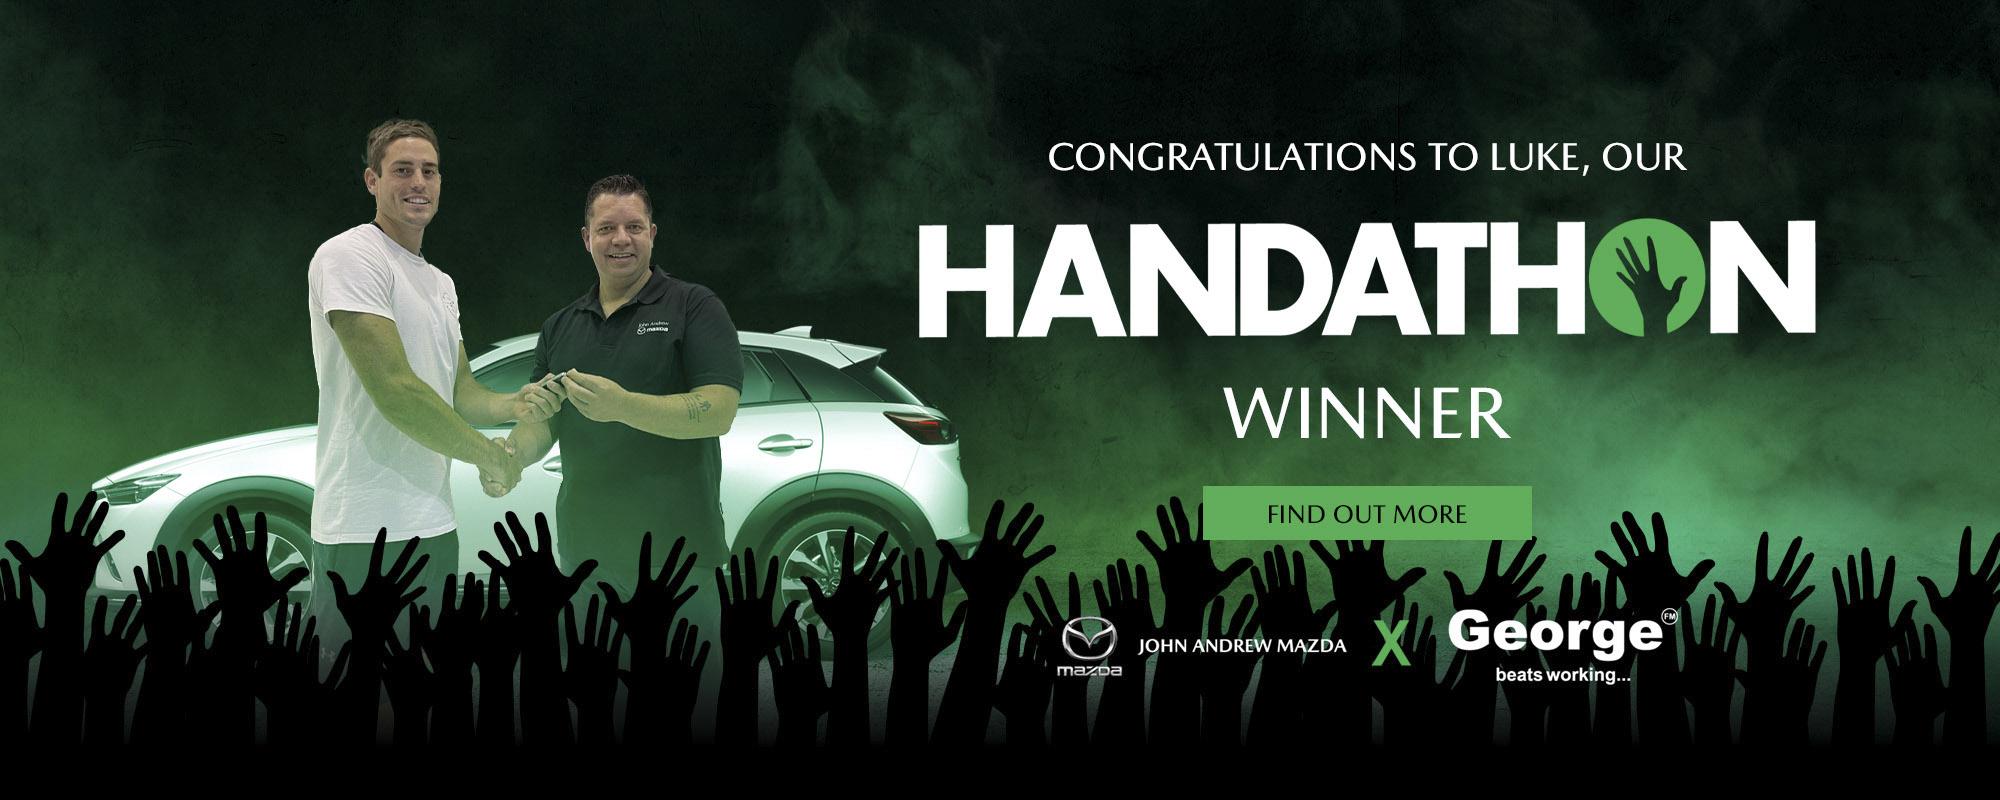 Hp Jama Handathon Winner May 2000x800